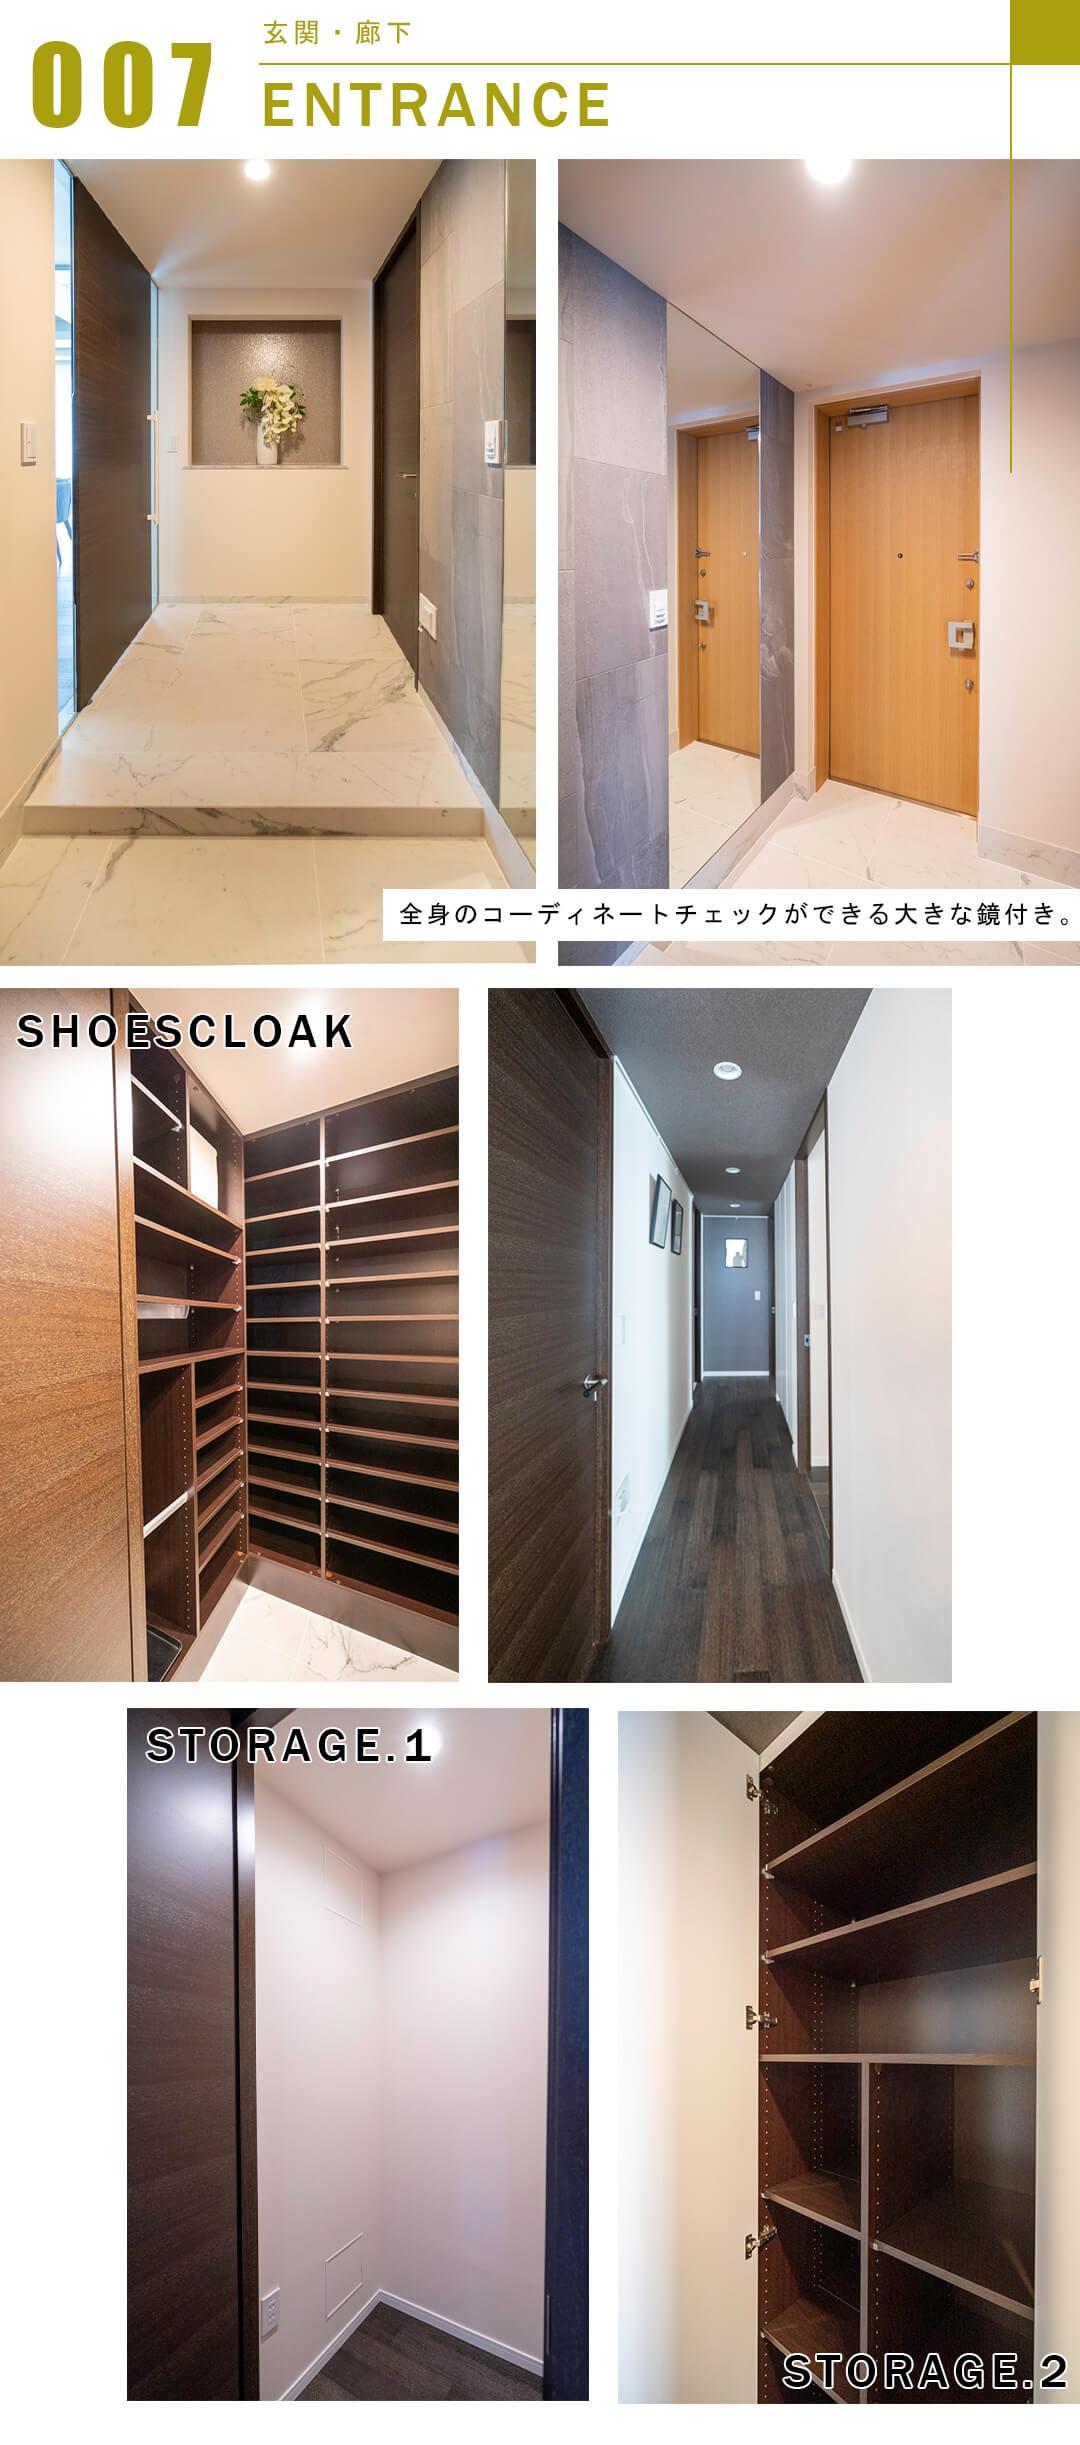 ジオ元赤坂の玄関と廊下